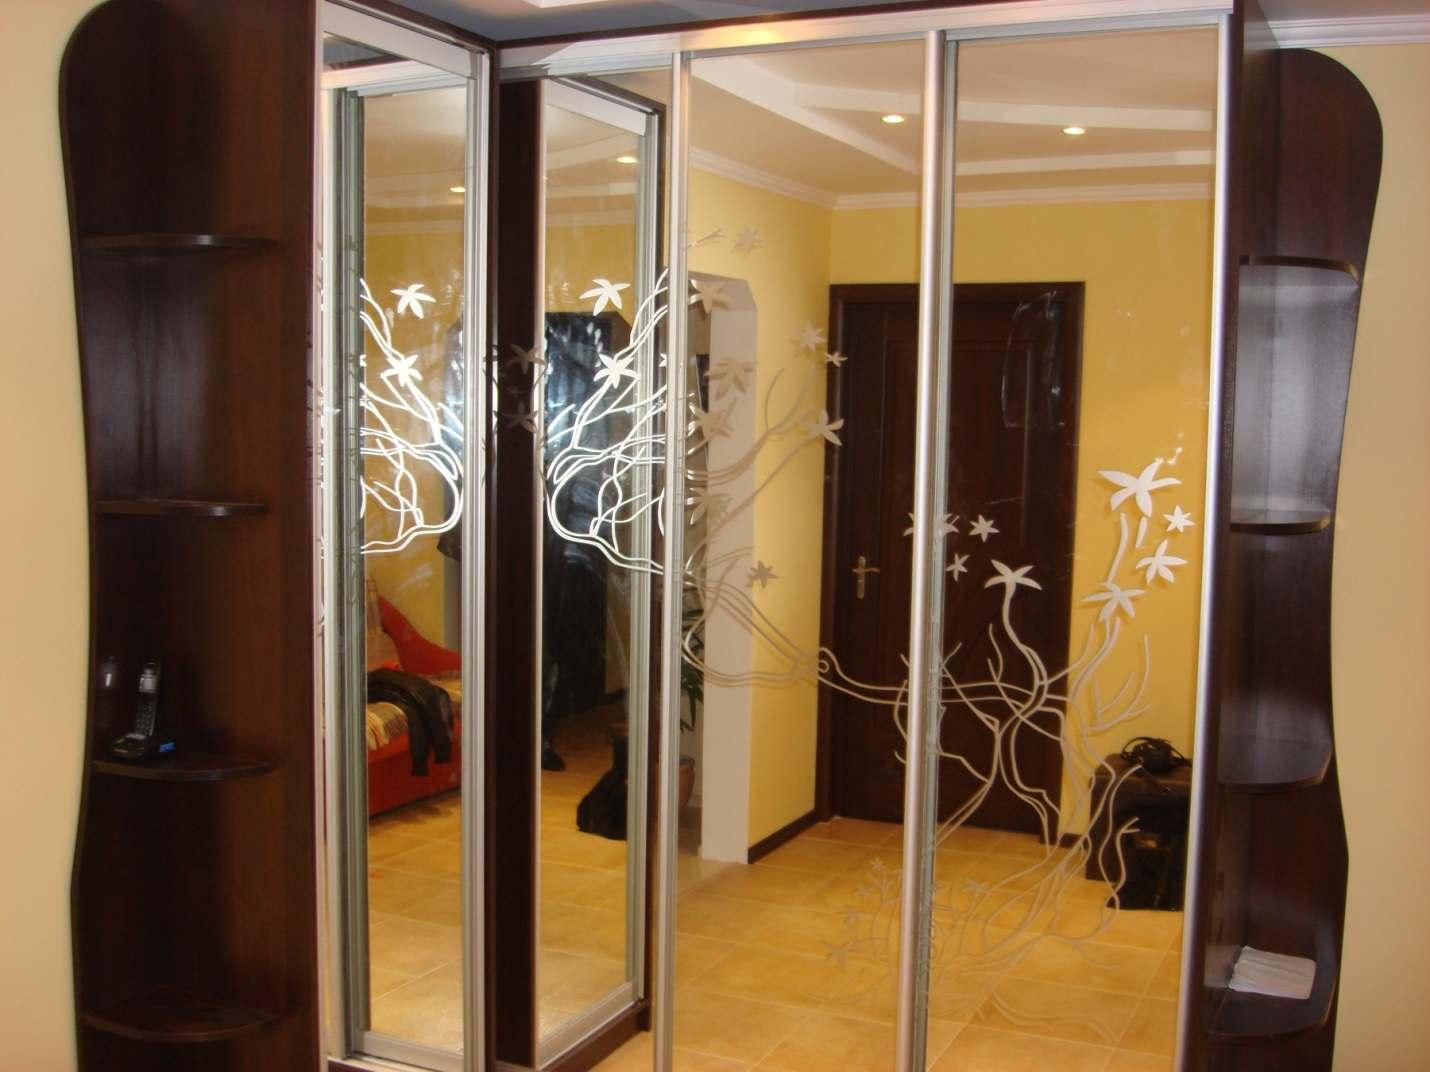 07. Большой угловой шкаф-купе в прихожей. Двери шкафа – зеркало «серебро» с пескоструйным рисунком.